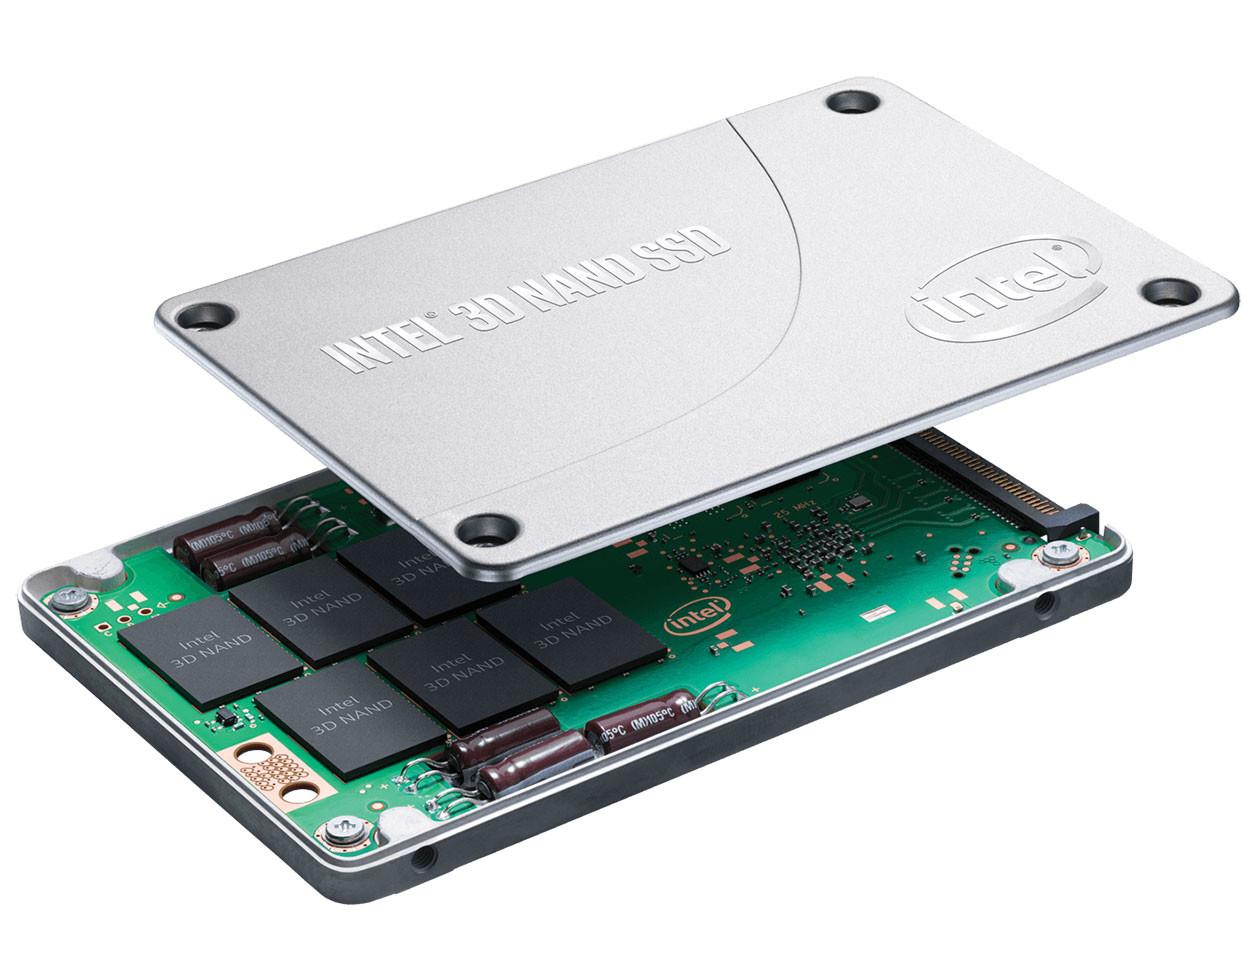 Intel SSD DC P4501, SSDs basados en la tecnología 3D NAND Flash